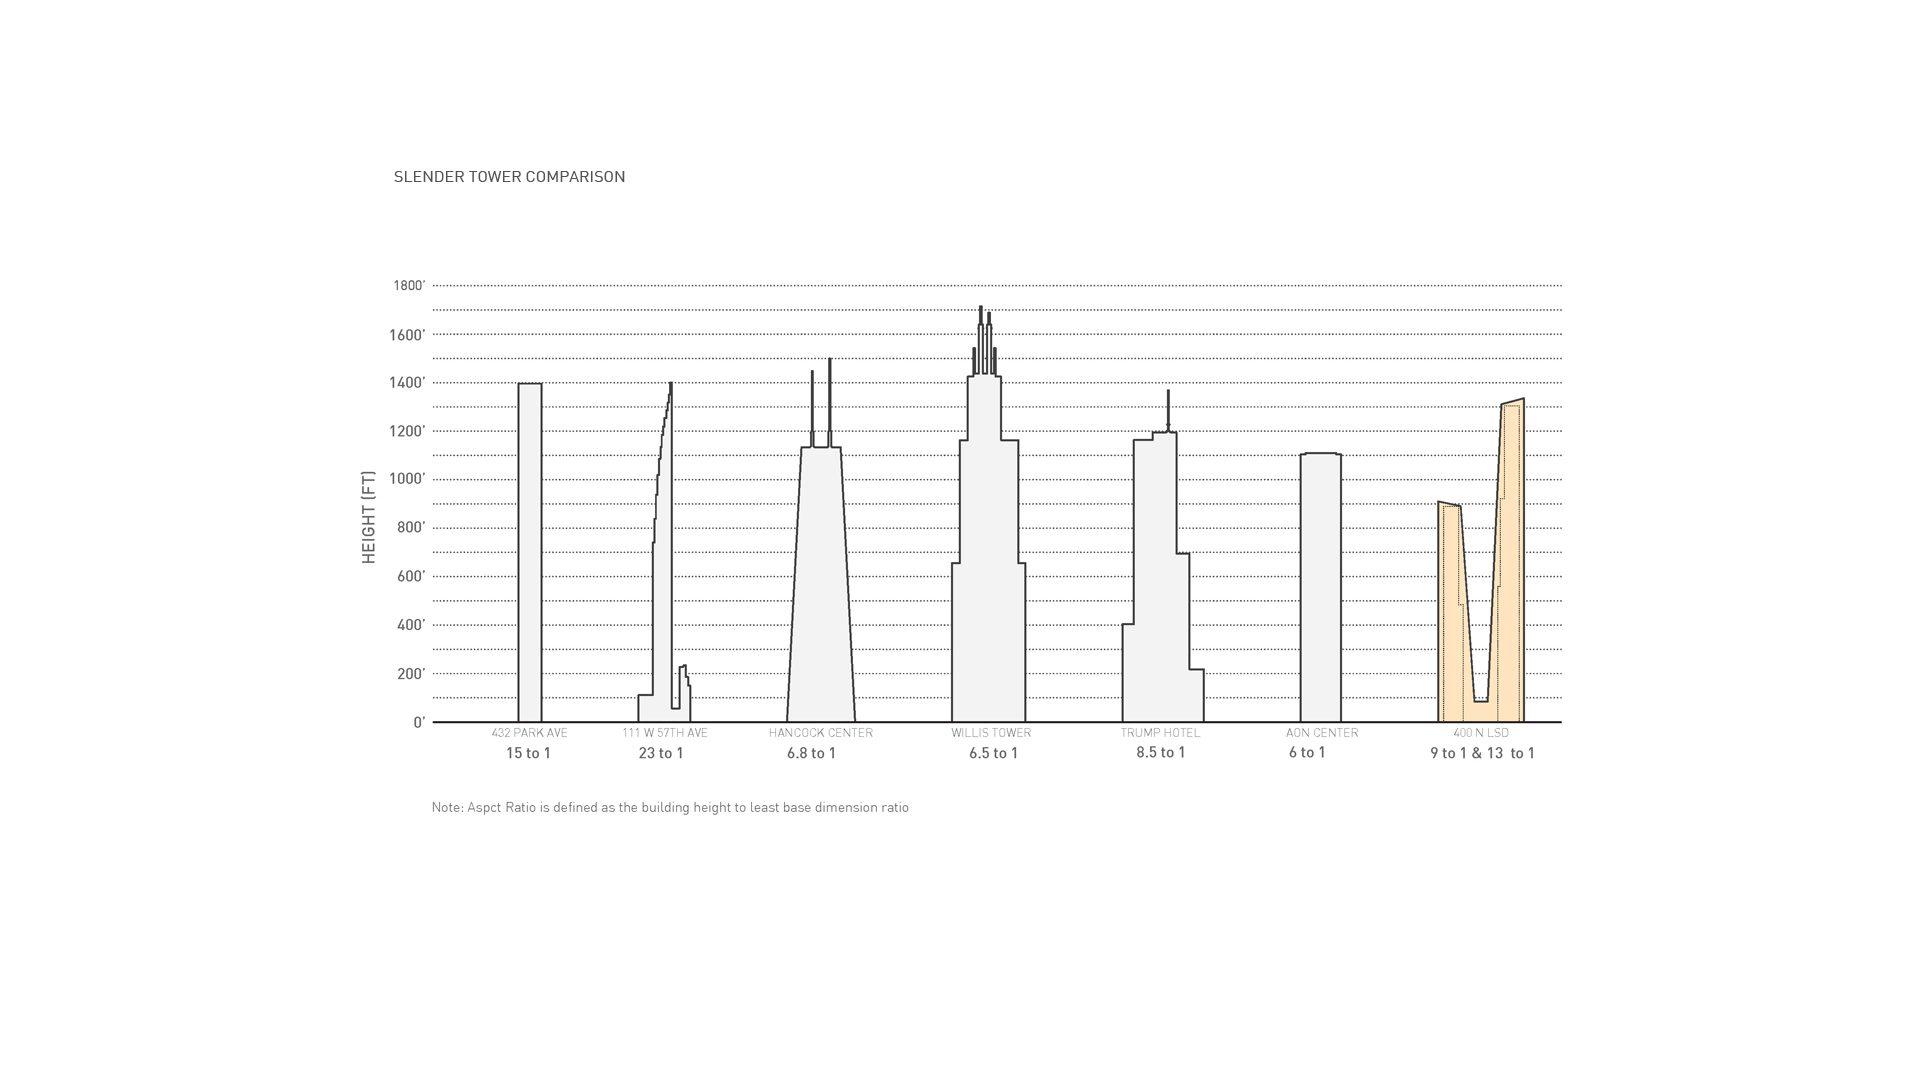 015_Slender Tower Comparison